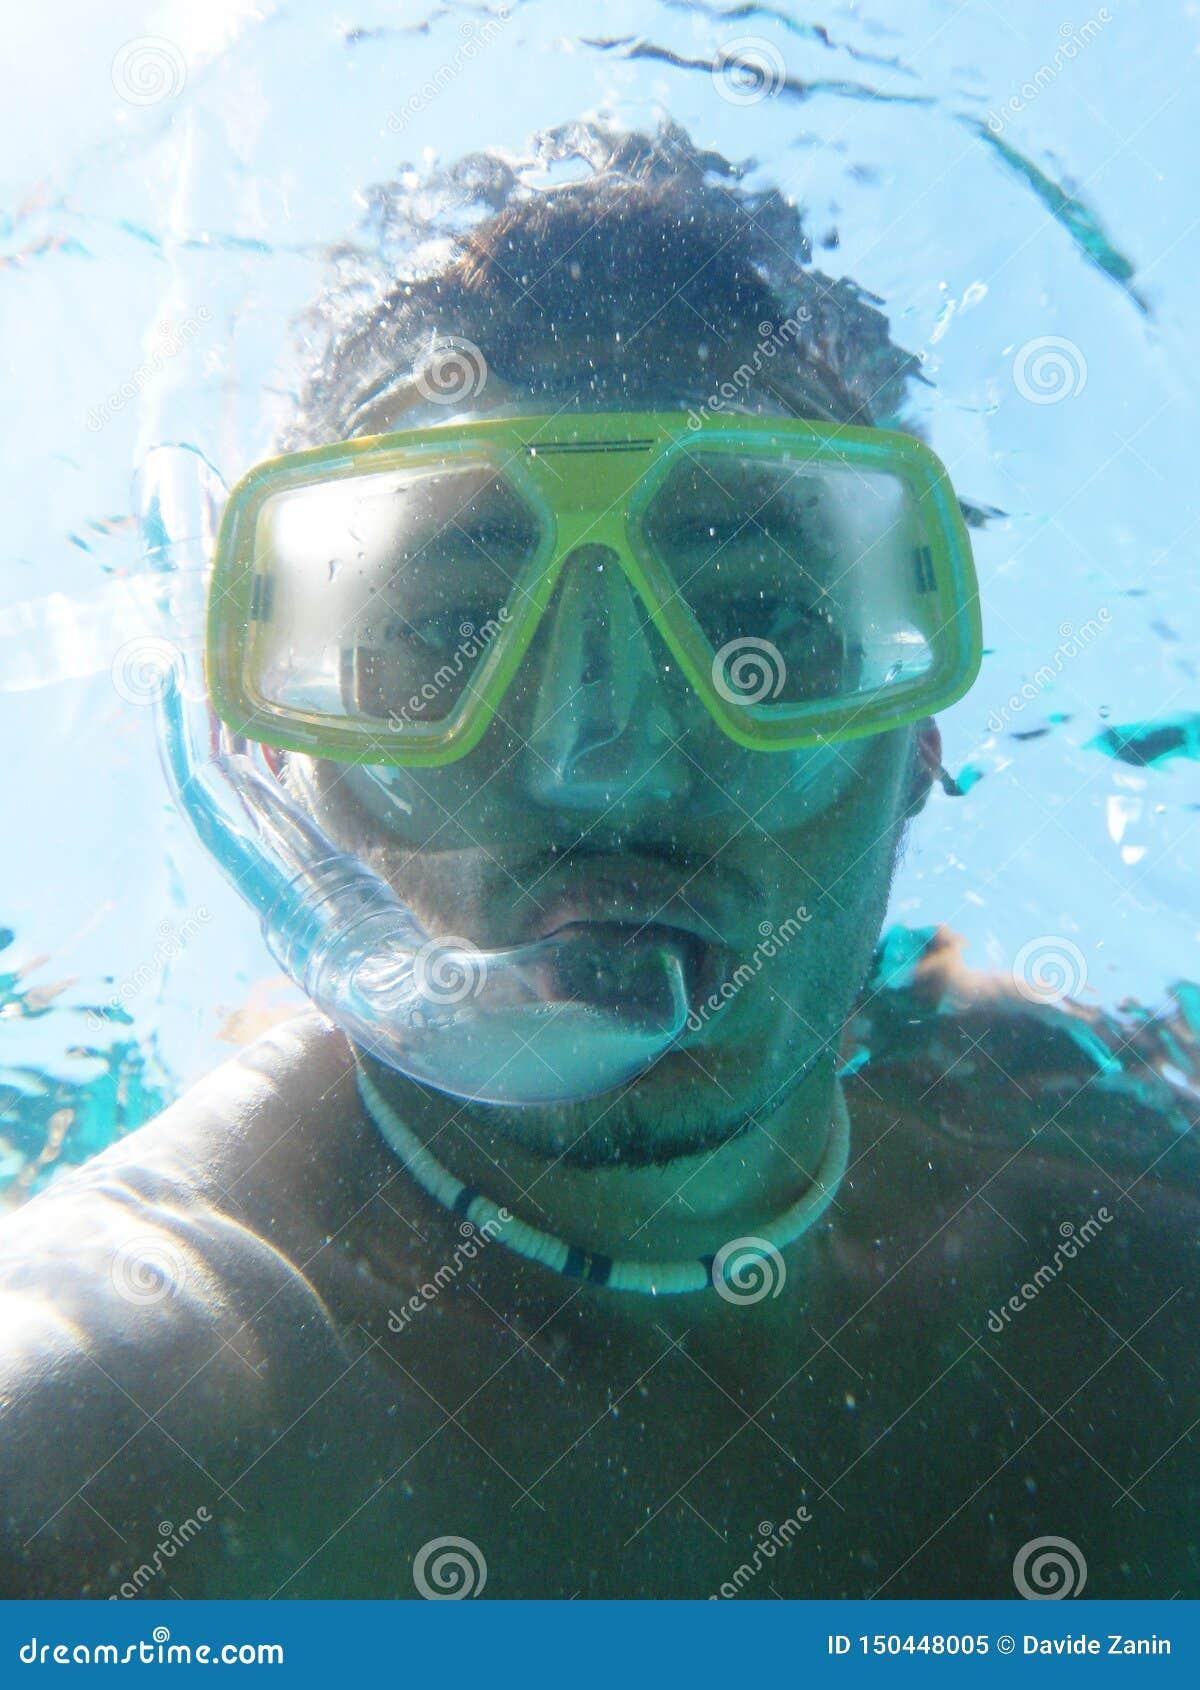 Onderwaterscuba-duiker die zelfportret maken of selfie